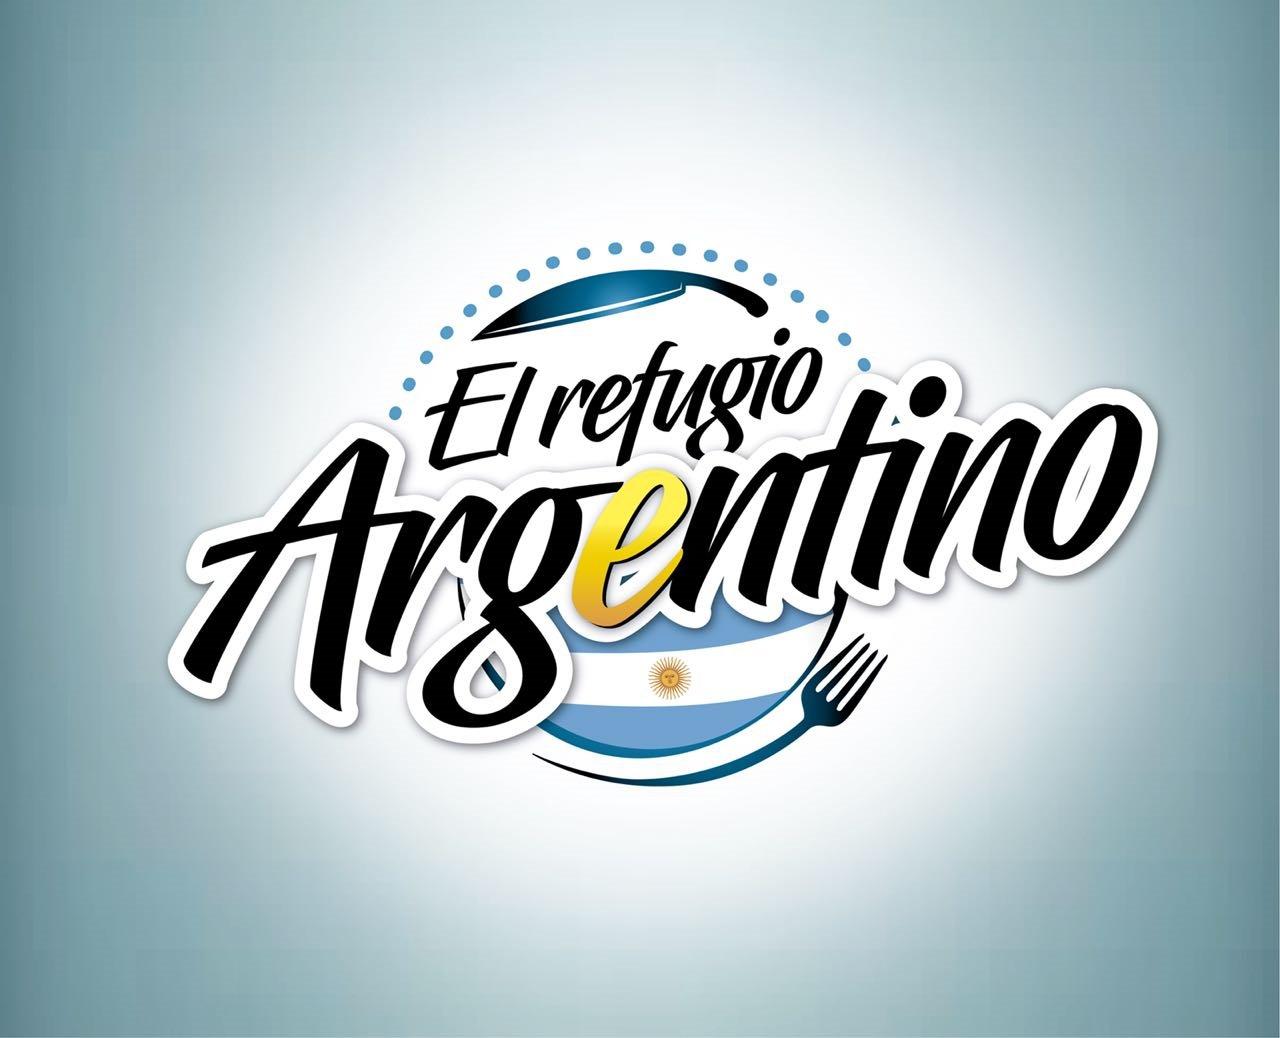 El Refugio Argentino